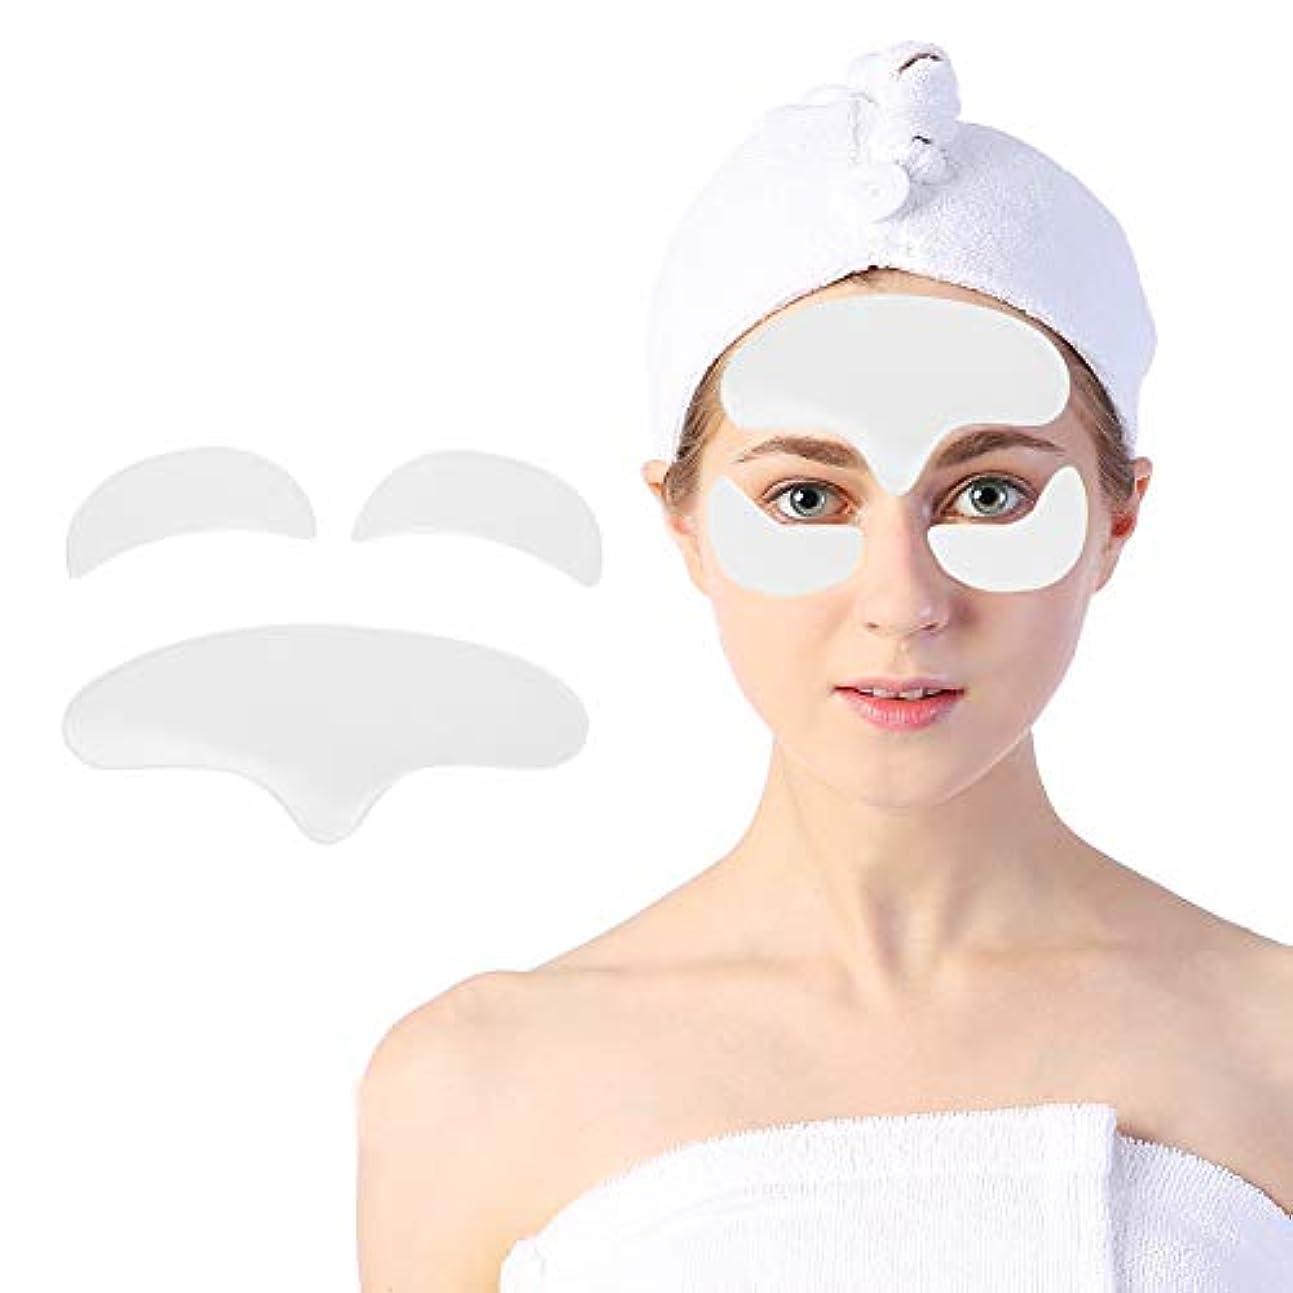 風刺検出器精度顔用アンチリンクルパッド、顔面および目の皮膚を持ち上げて引き締めるための再利用可能なシリコーン肌のリラクゼーションパッチ